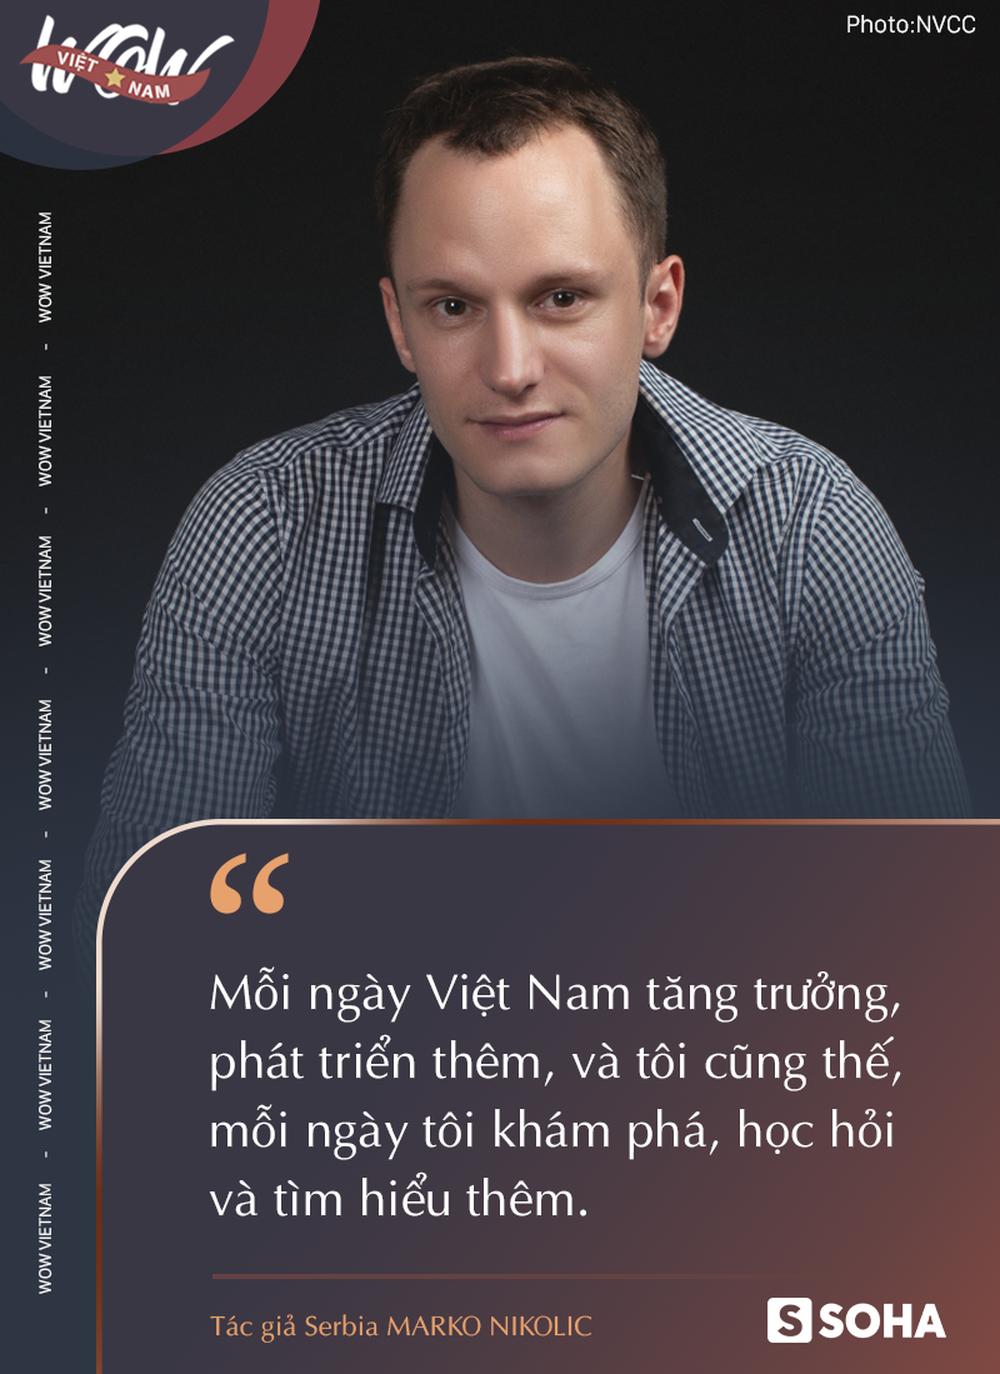 Không ít người nước ngoài hối tiếc vì năm ngoái đã vội rời khỏi Việt Nam - Ảnh 1.